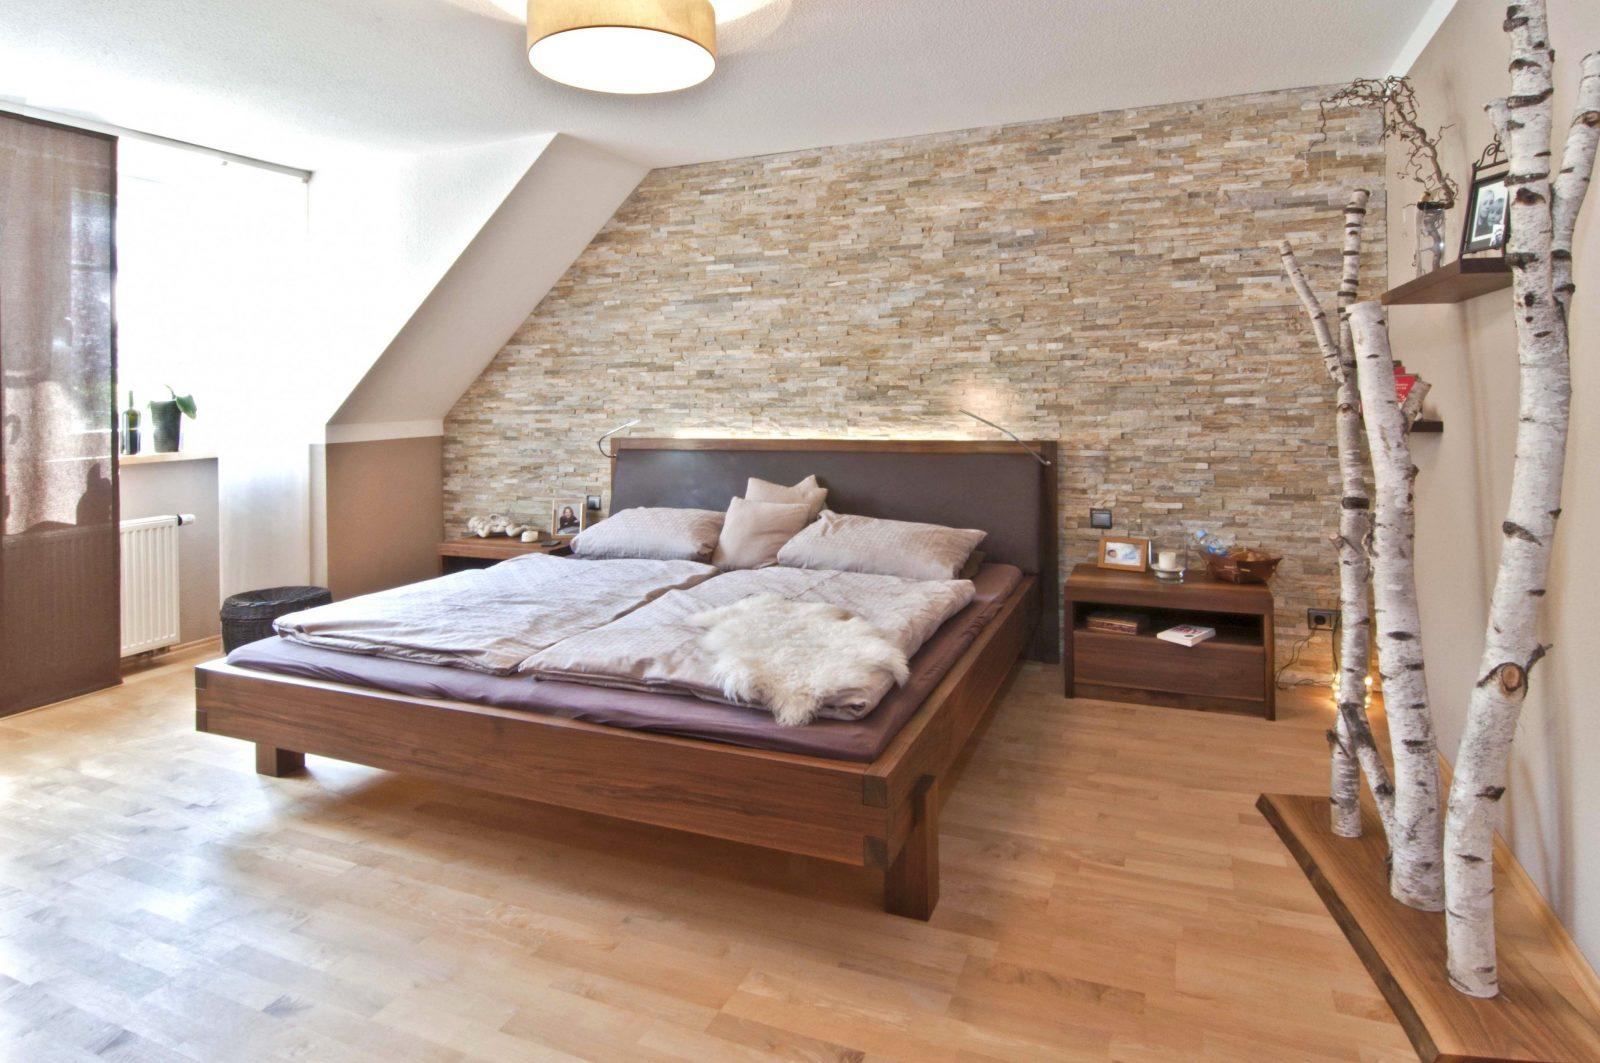 Wanddeko Schlafzimmer Selber Machen  Haus Design Ideen